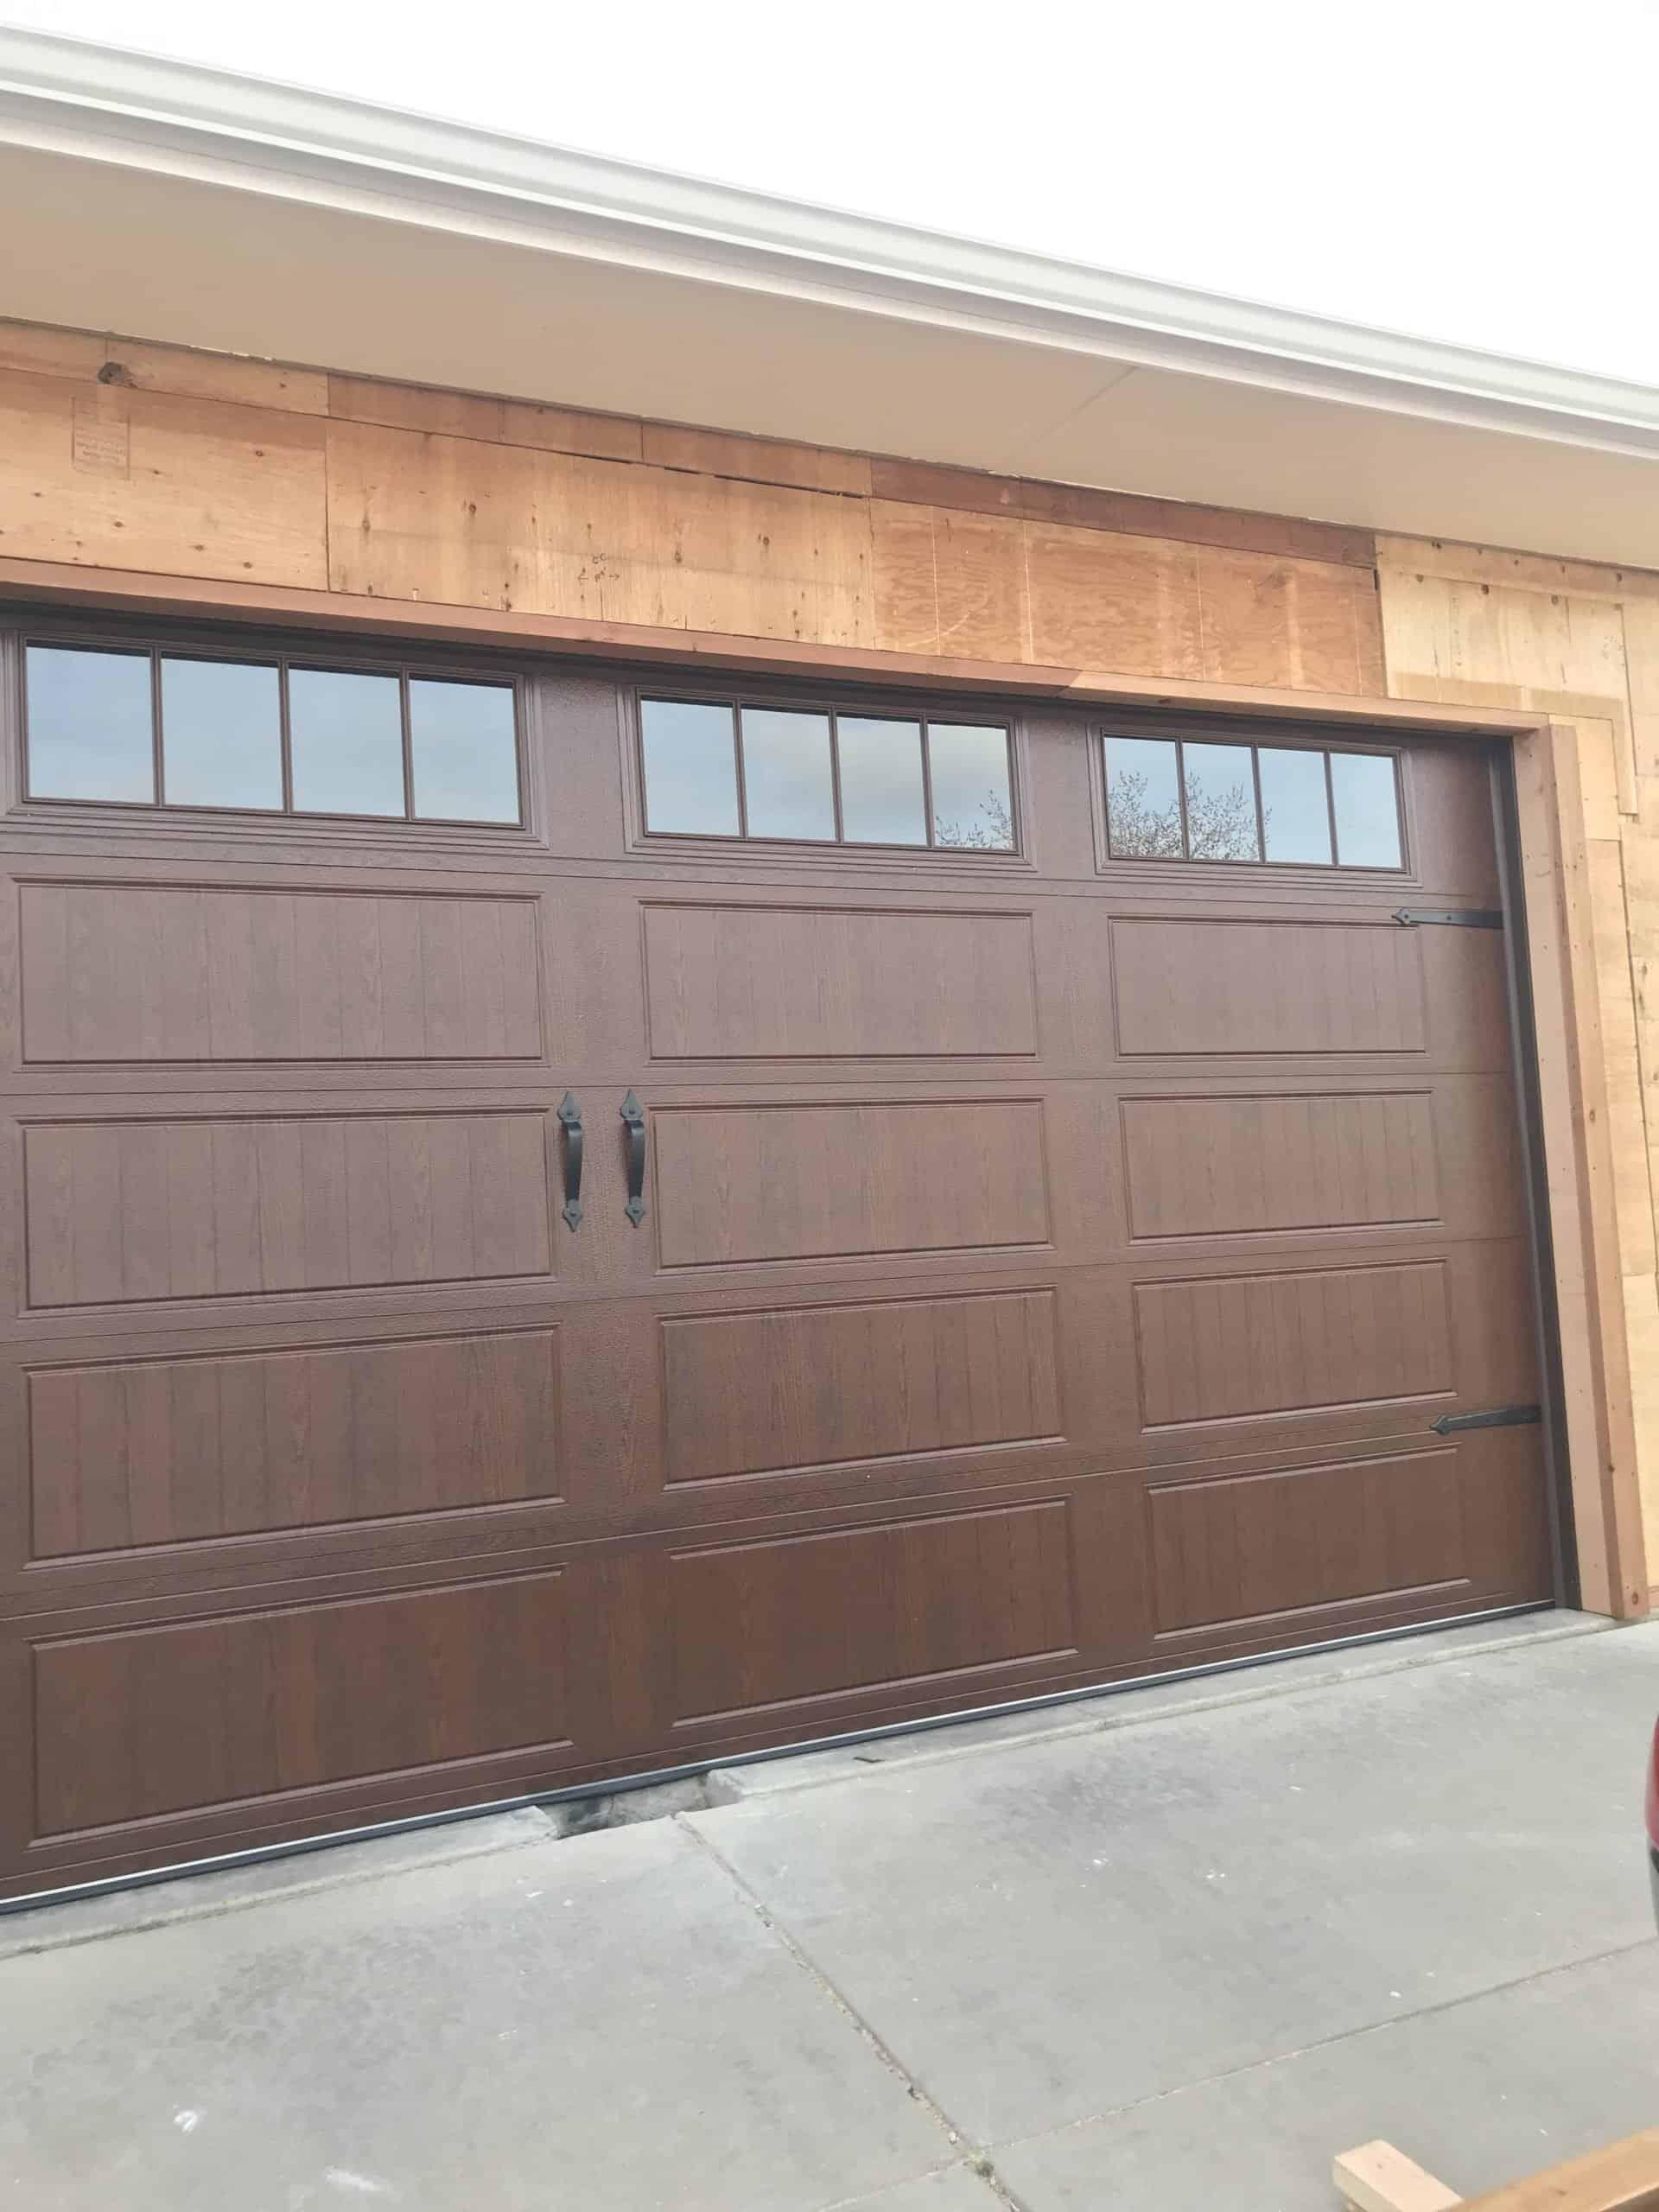 final-results-of-the-garage-door-installtion